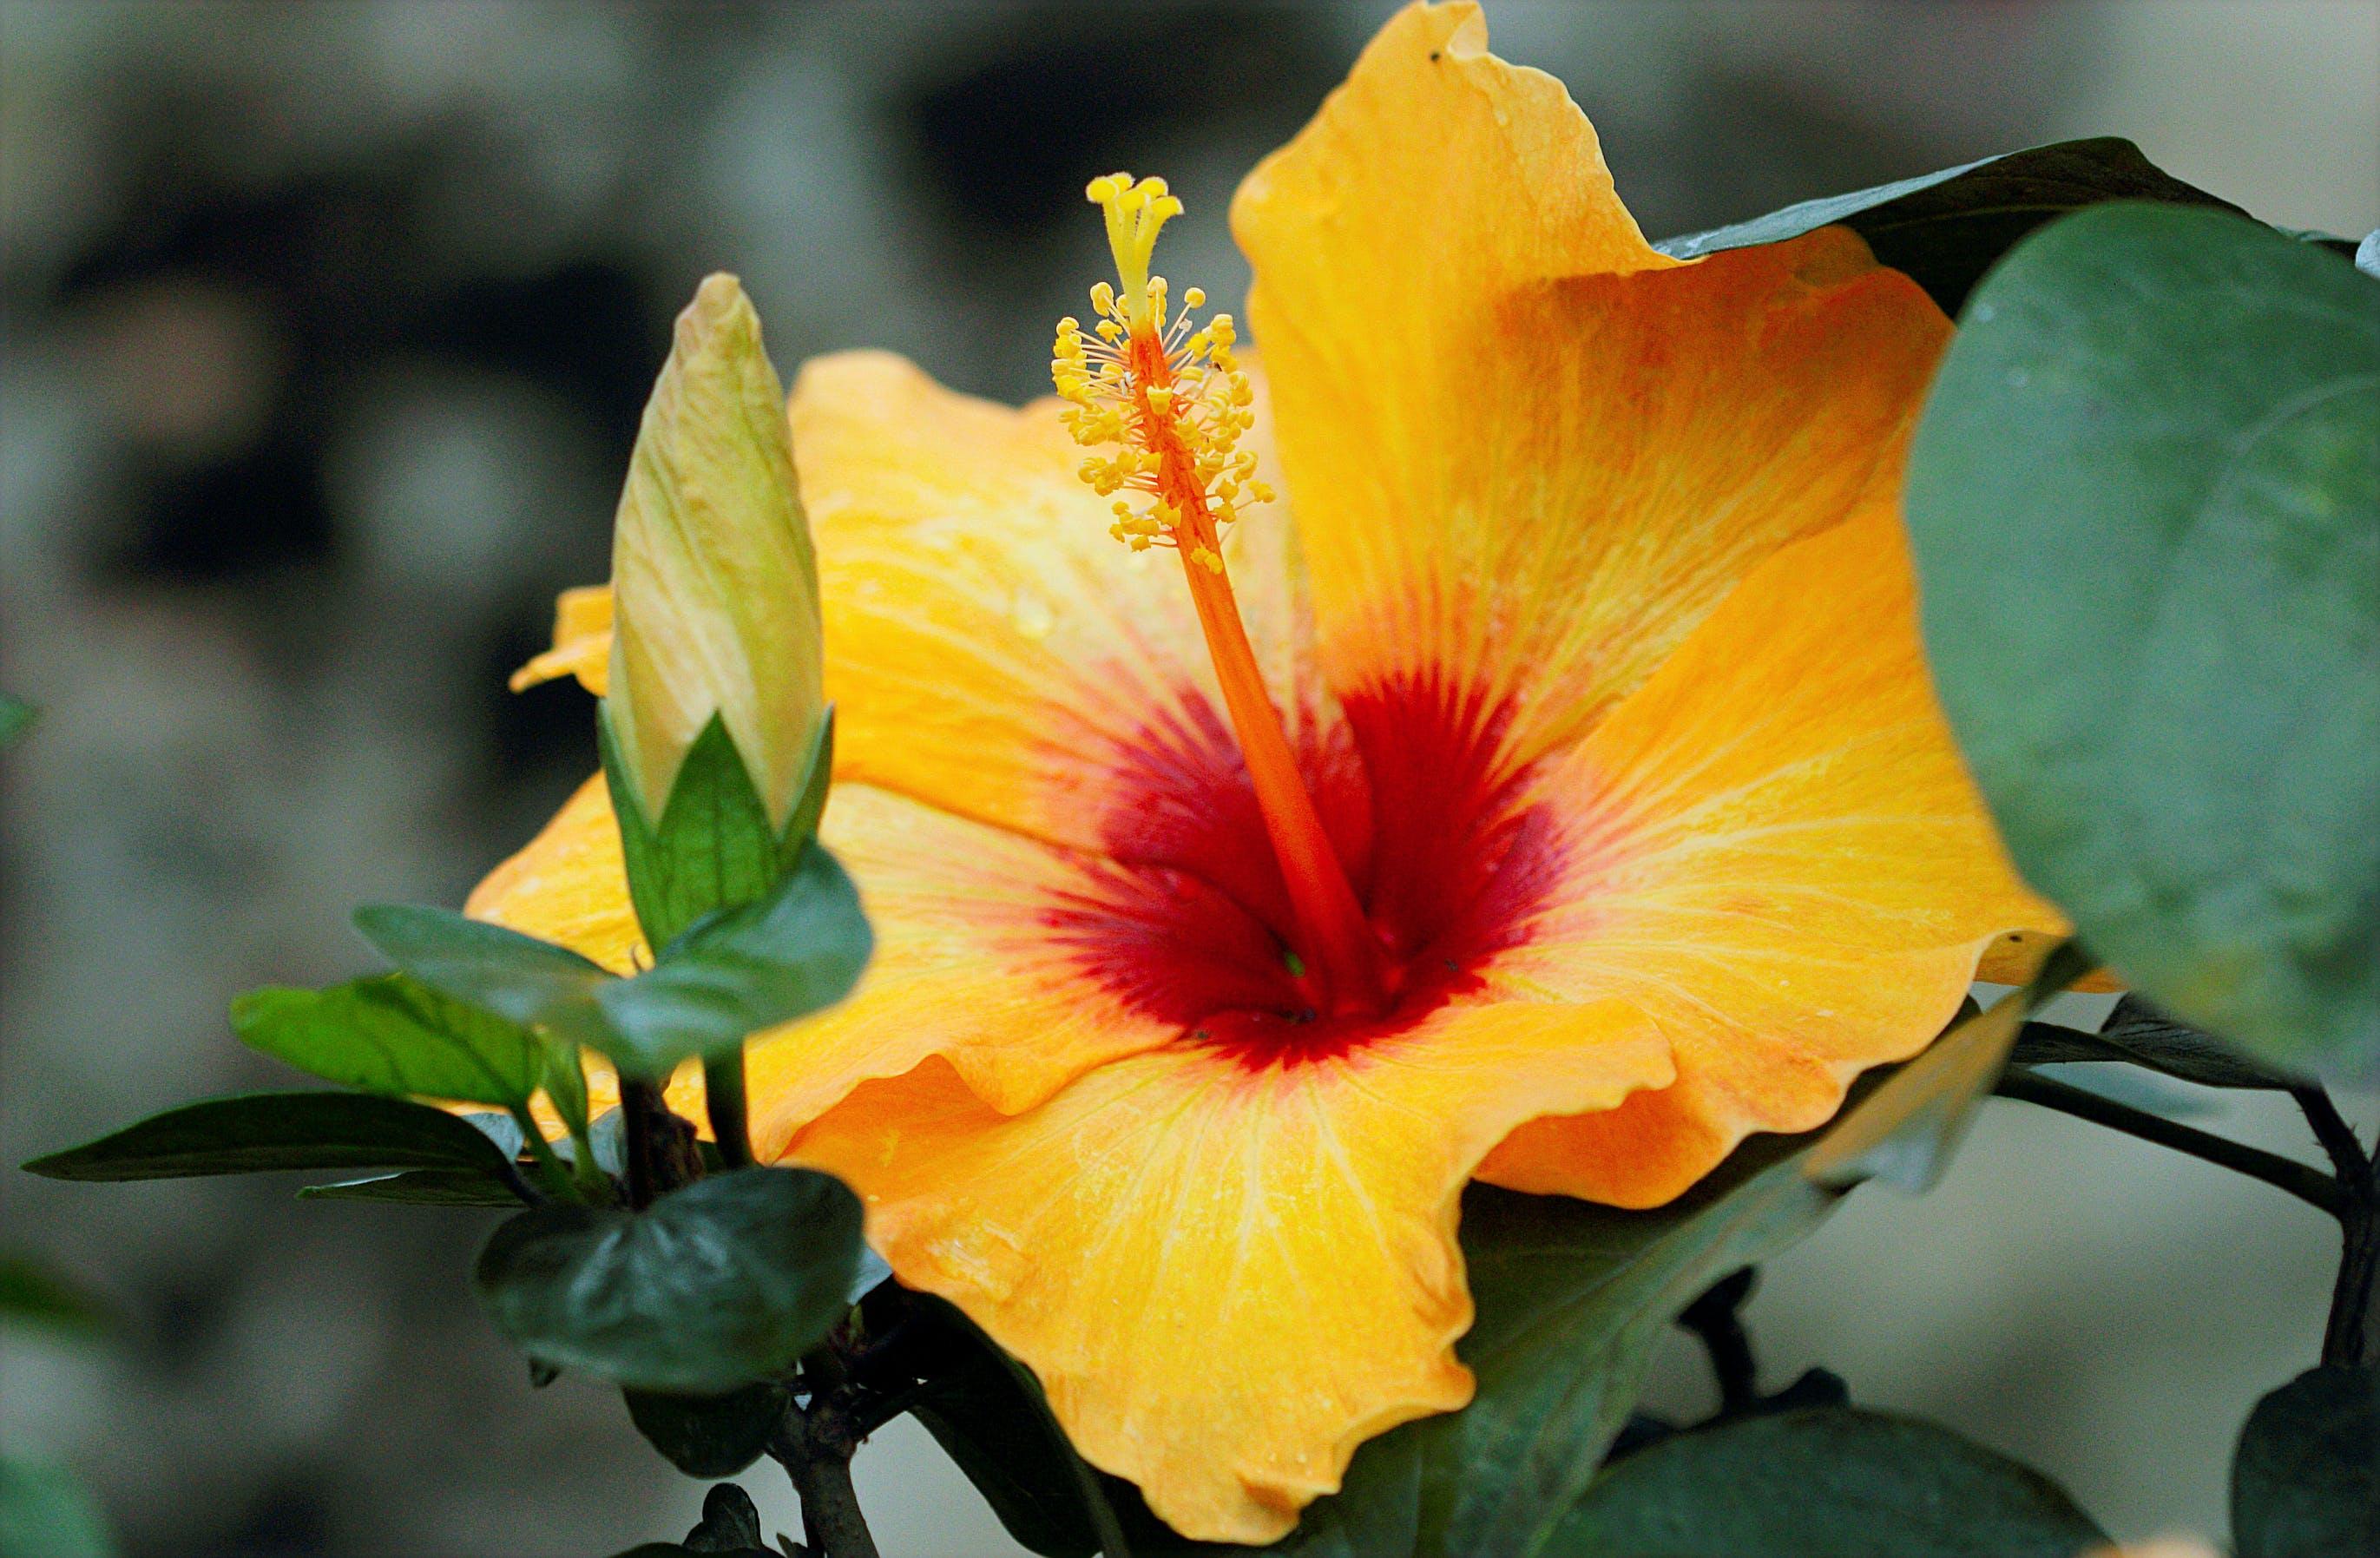 Fotos de stock gratuitas de amarillo, bonito, brillante, brotar